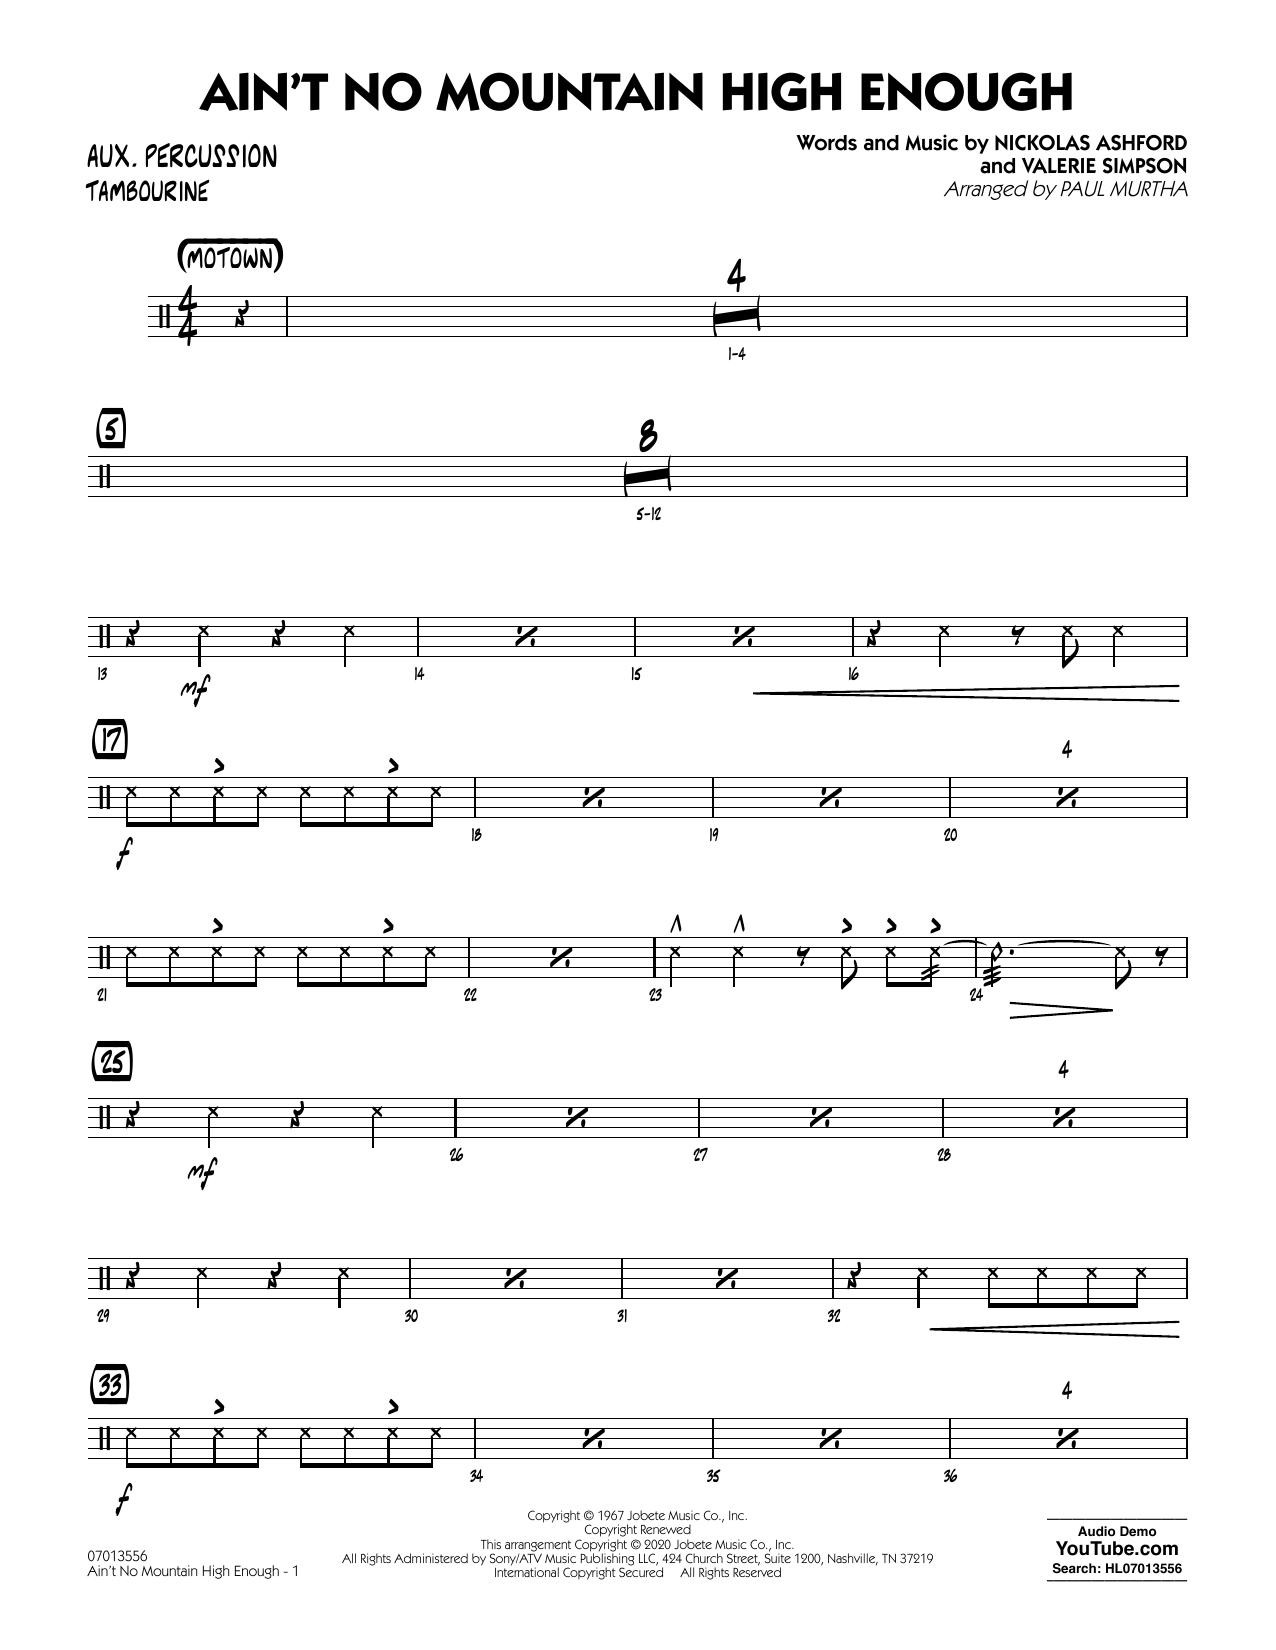 Ain't No Mountain High Enough (arr. Paul Murtha) - Aux Percussion Sheet Music